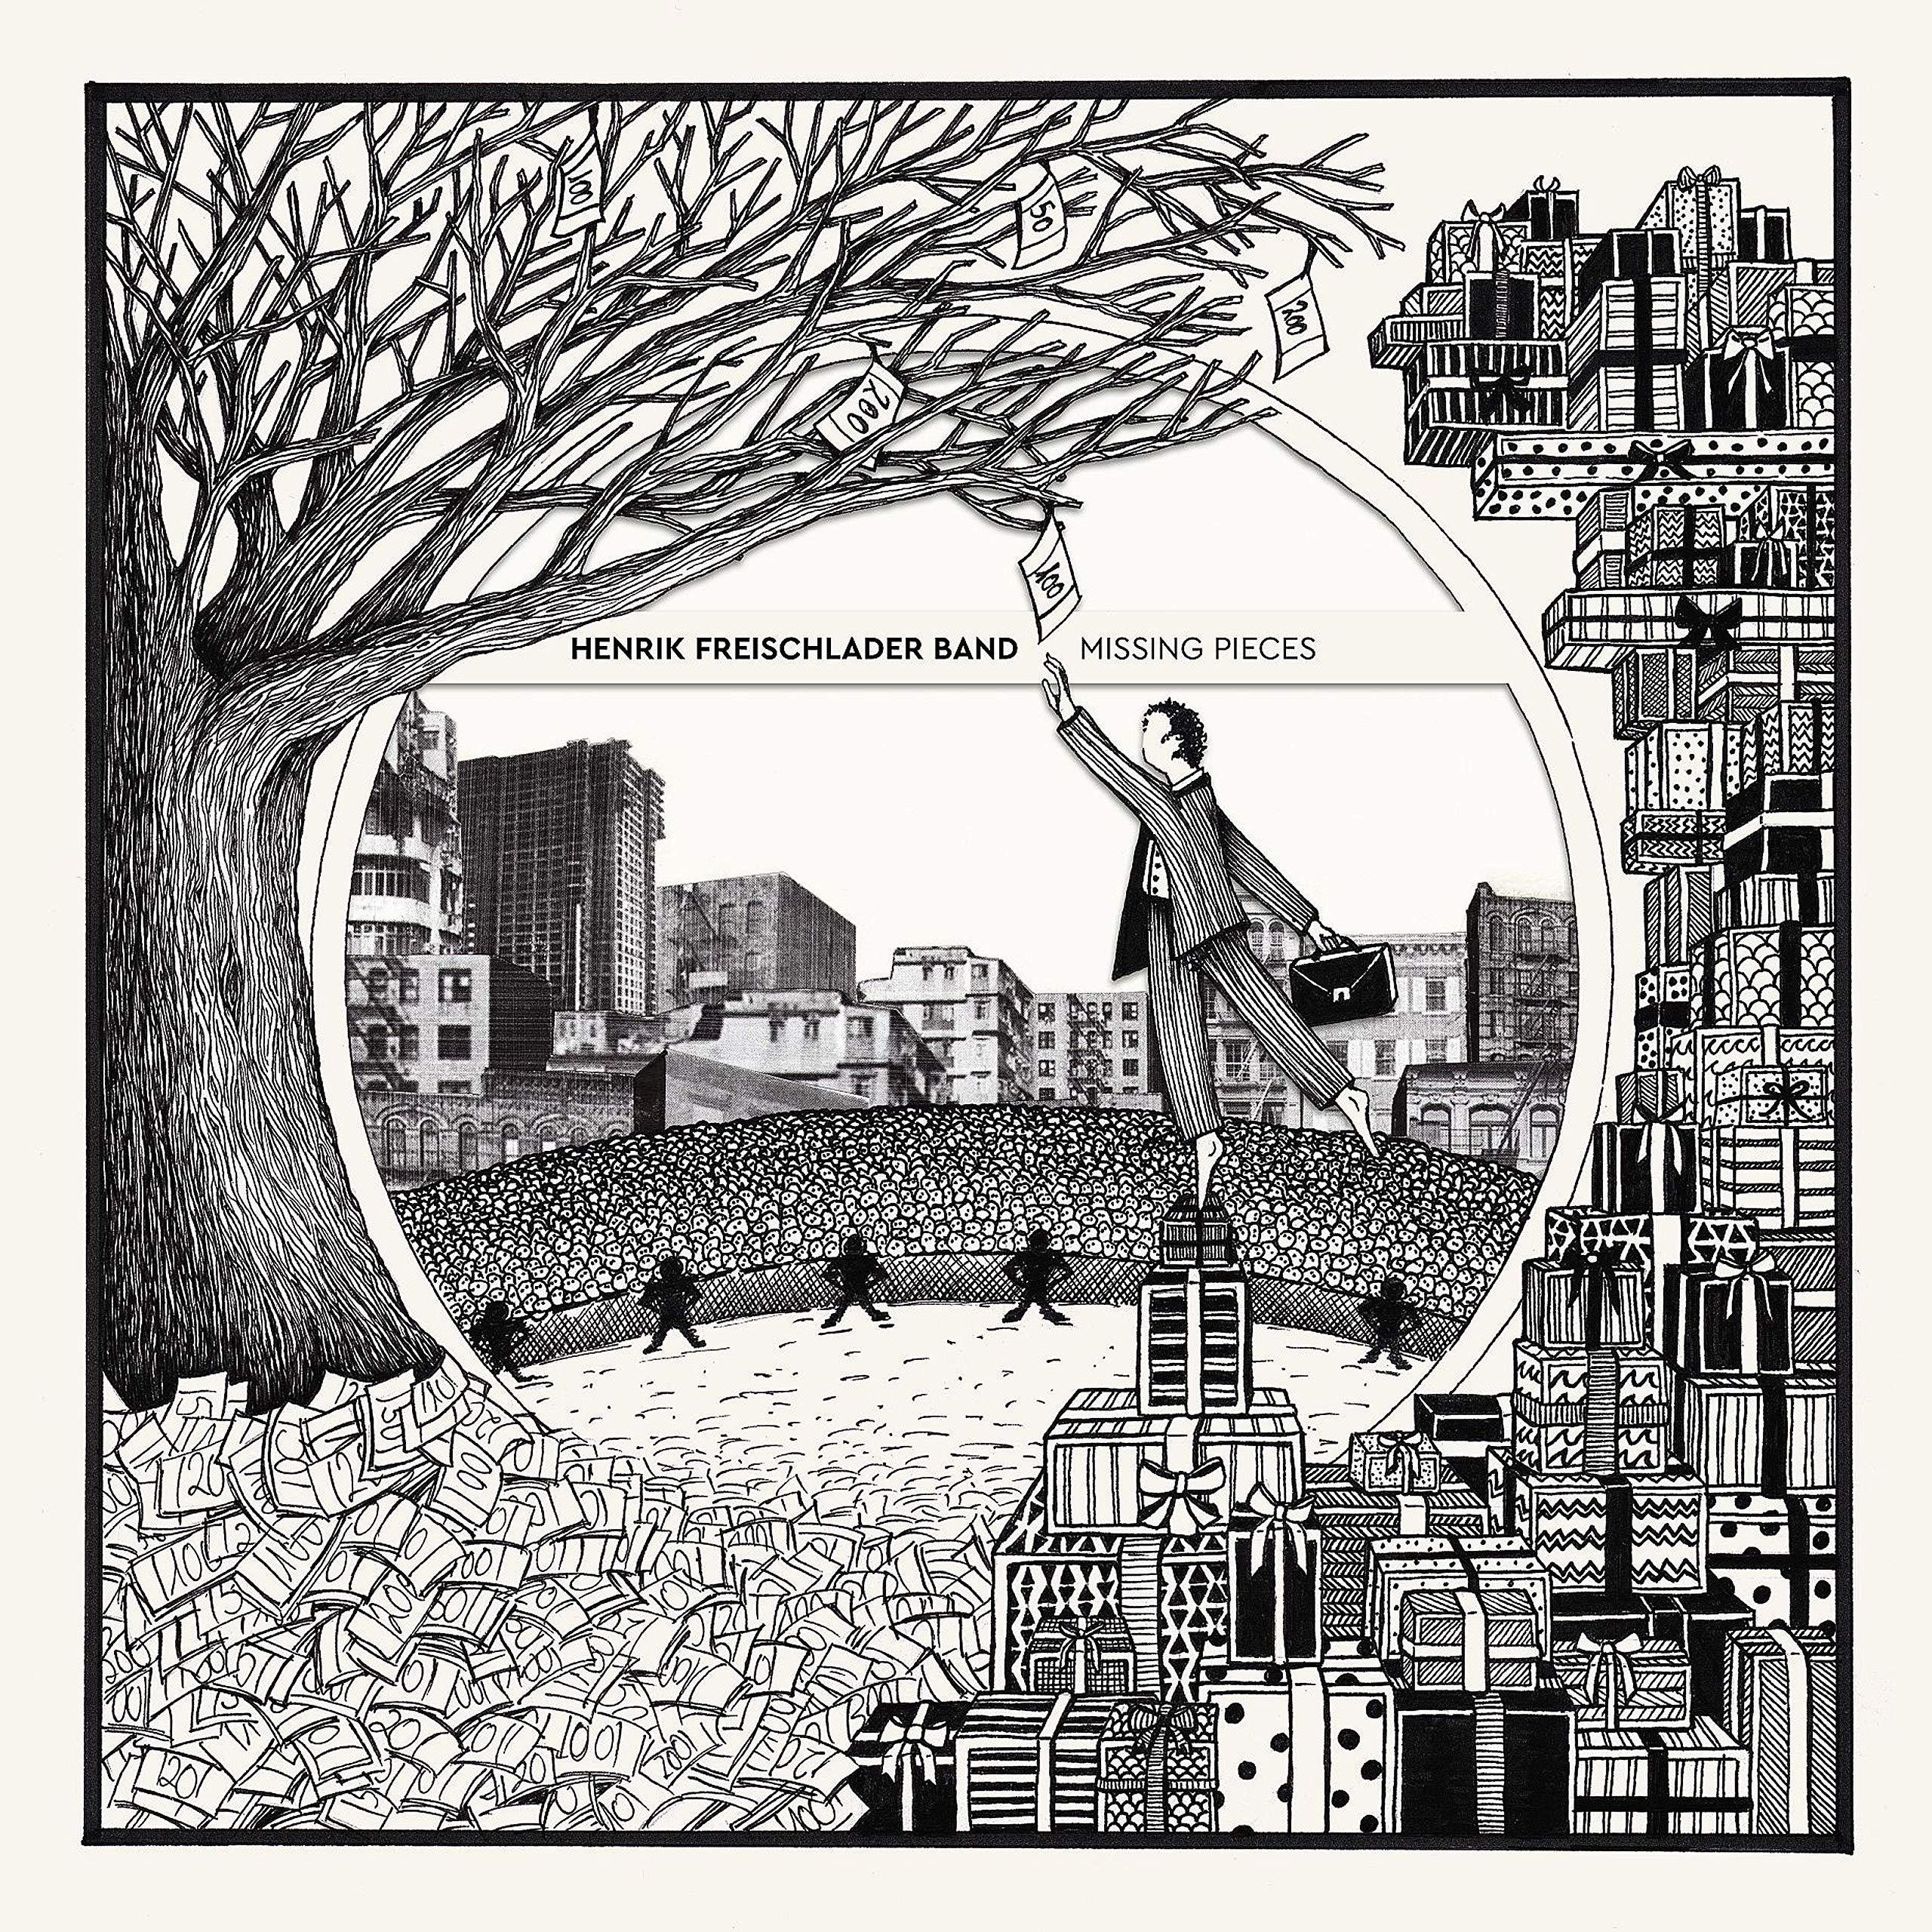 Henrik Freischlader Band – Missing Pieces (2020) [FLAC]